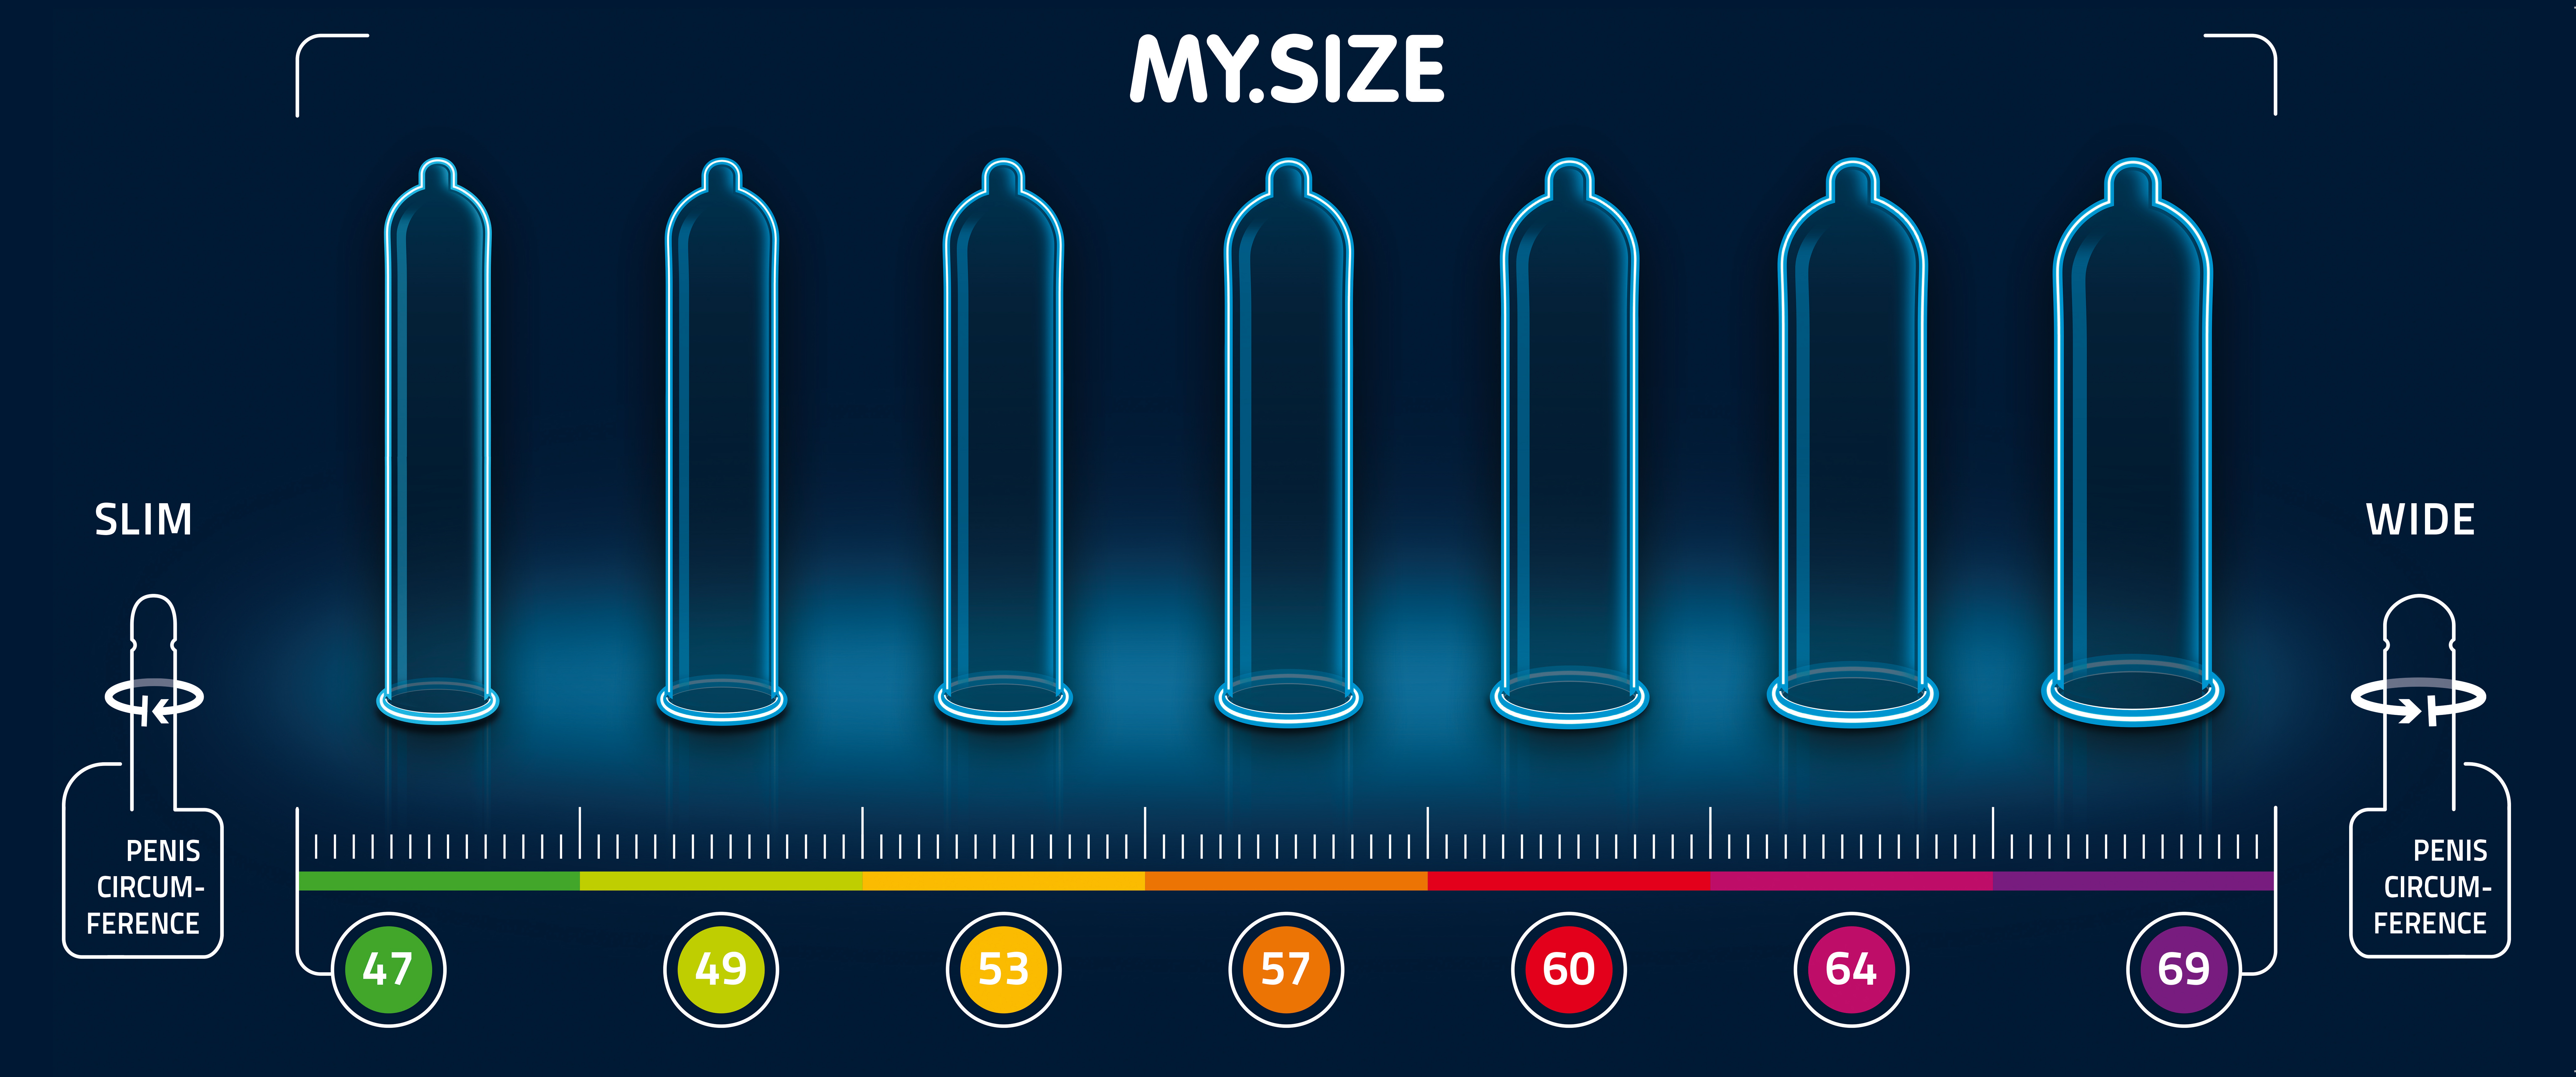 Hay mundos entre condones MY.SIZE y los del supermercado